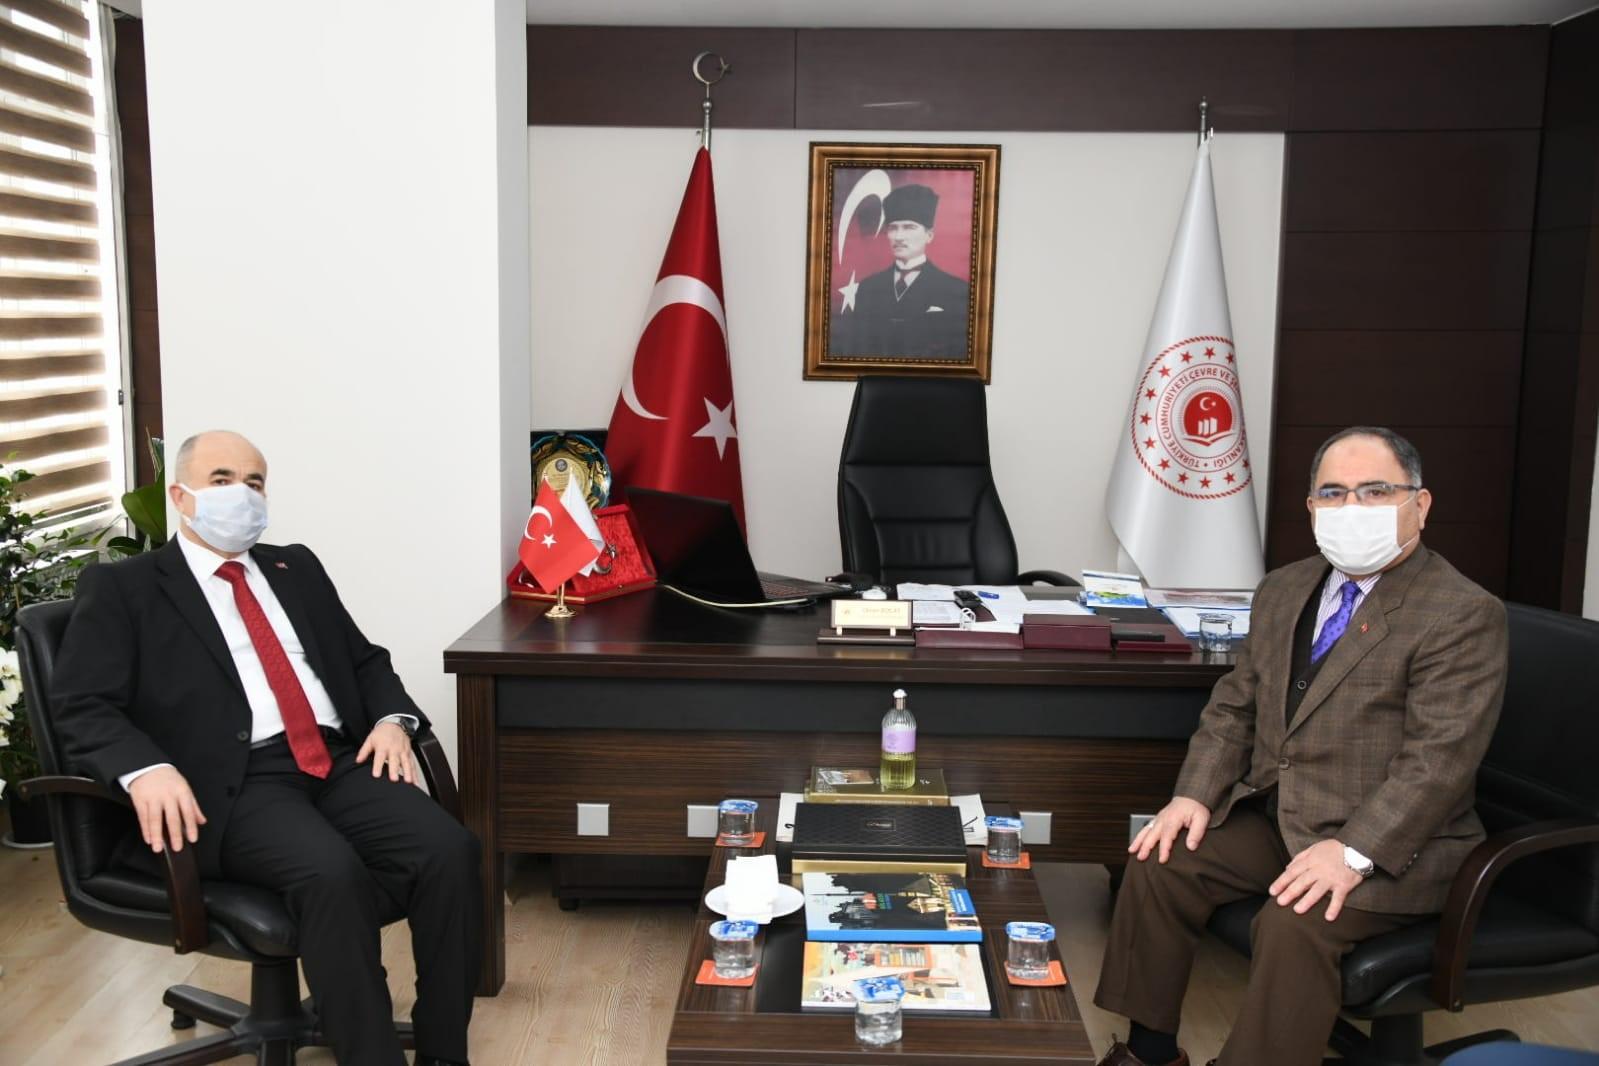 Sayın Valimiz Dr. Zülkif DAĞLI kamu kurum ziyaretleri kapsamında İl Müdürlüğümüzü ziyaret etti.